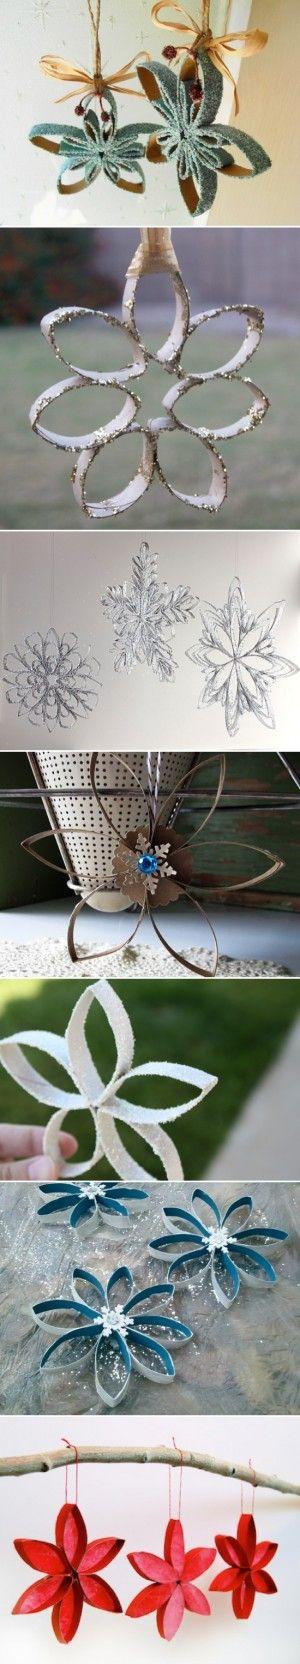 WCrolletjes in reepjes knippen en bloemen van maken. Voor diverse seizoenen geschikt